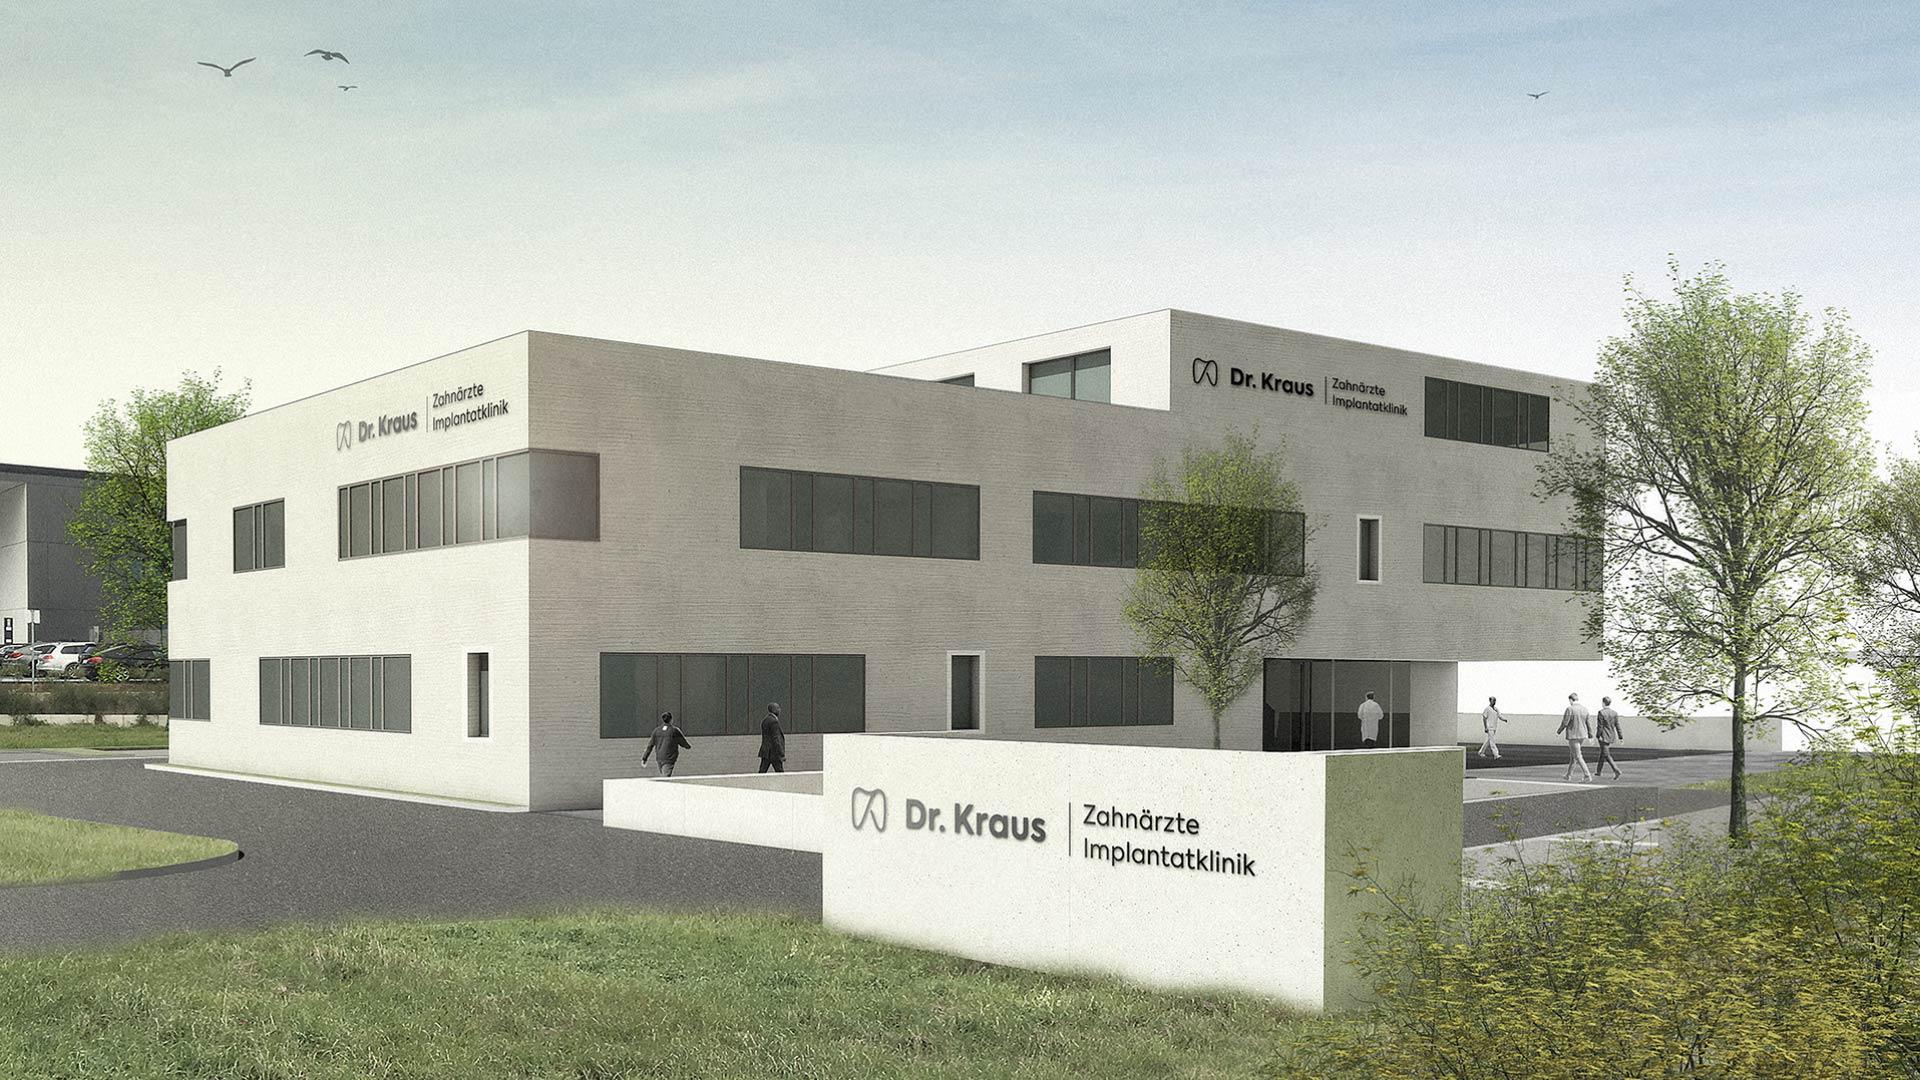 Dr. Kraus Zahnärzte & Implantatklinik